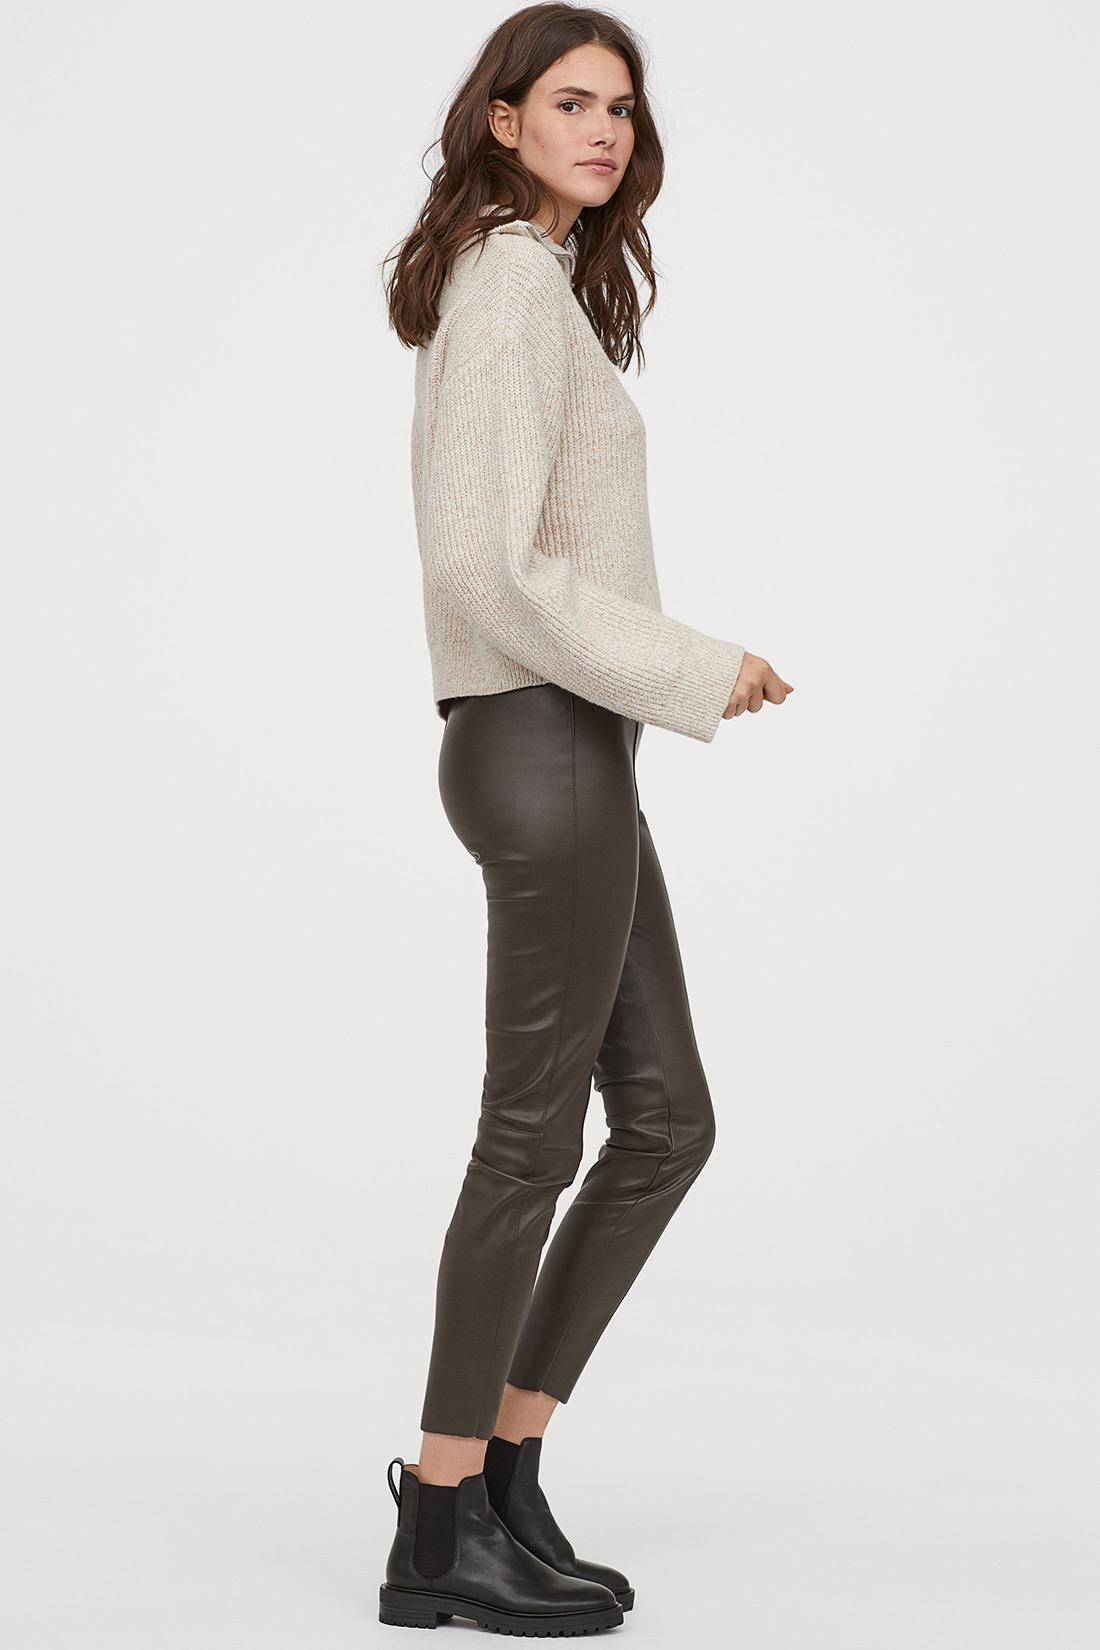 zenska moda 2019 street style hm kožne hlače